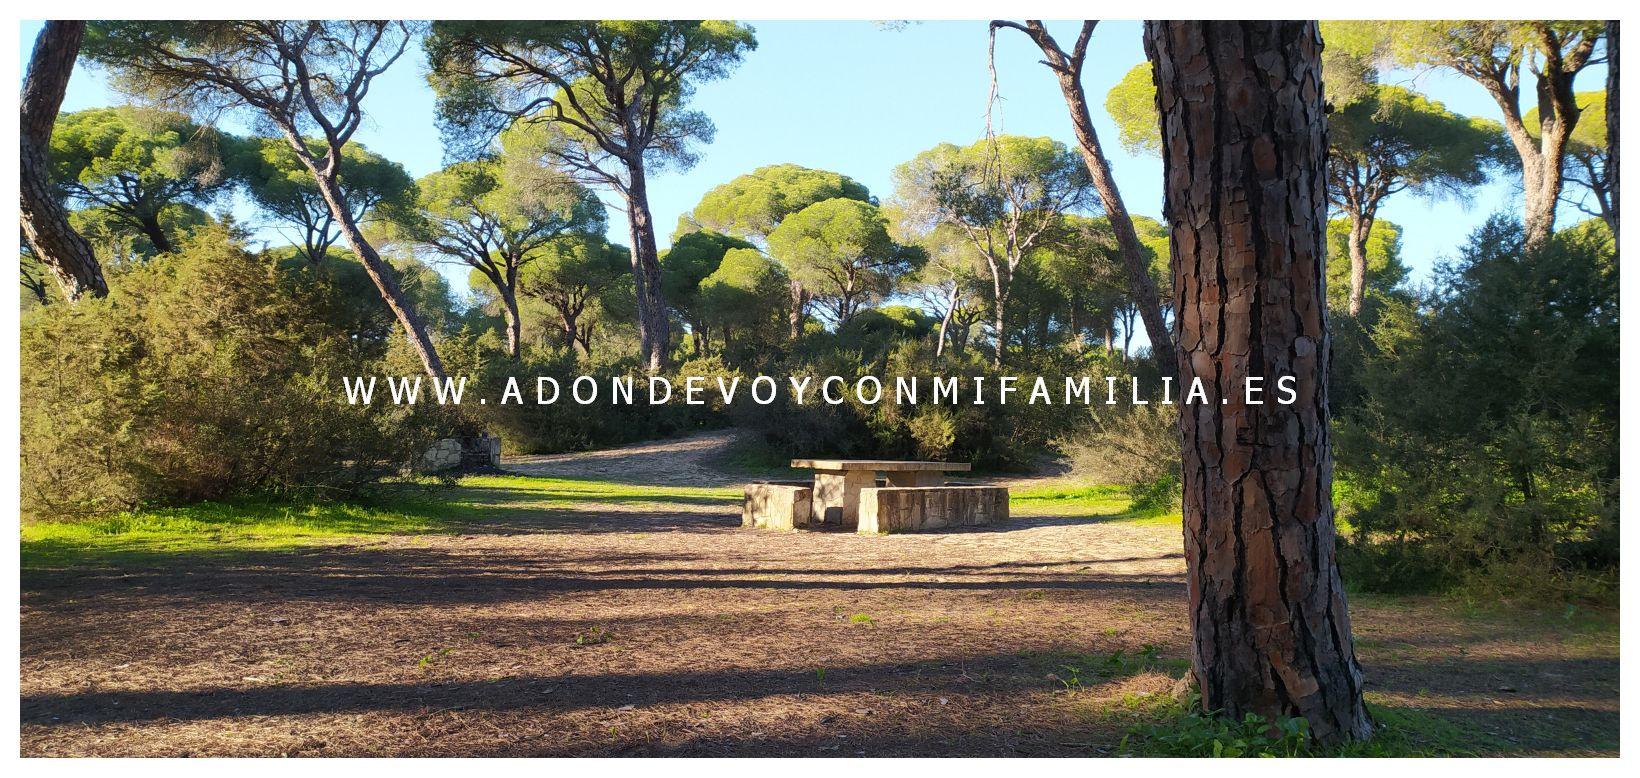 area-recreativa-la-ermita-adondevoyconmifamilia-08